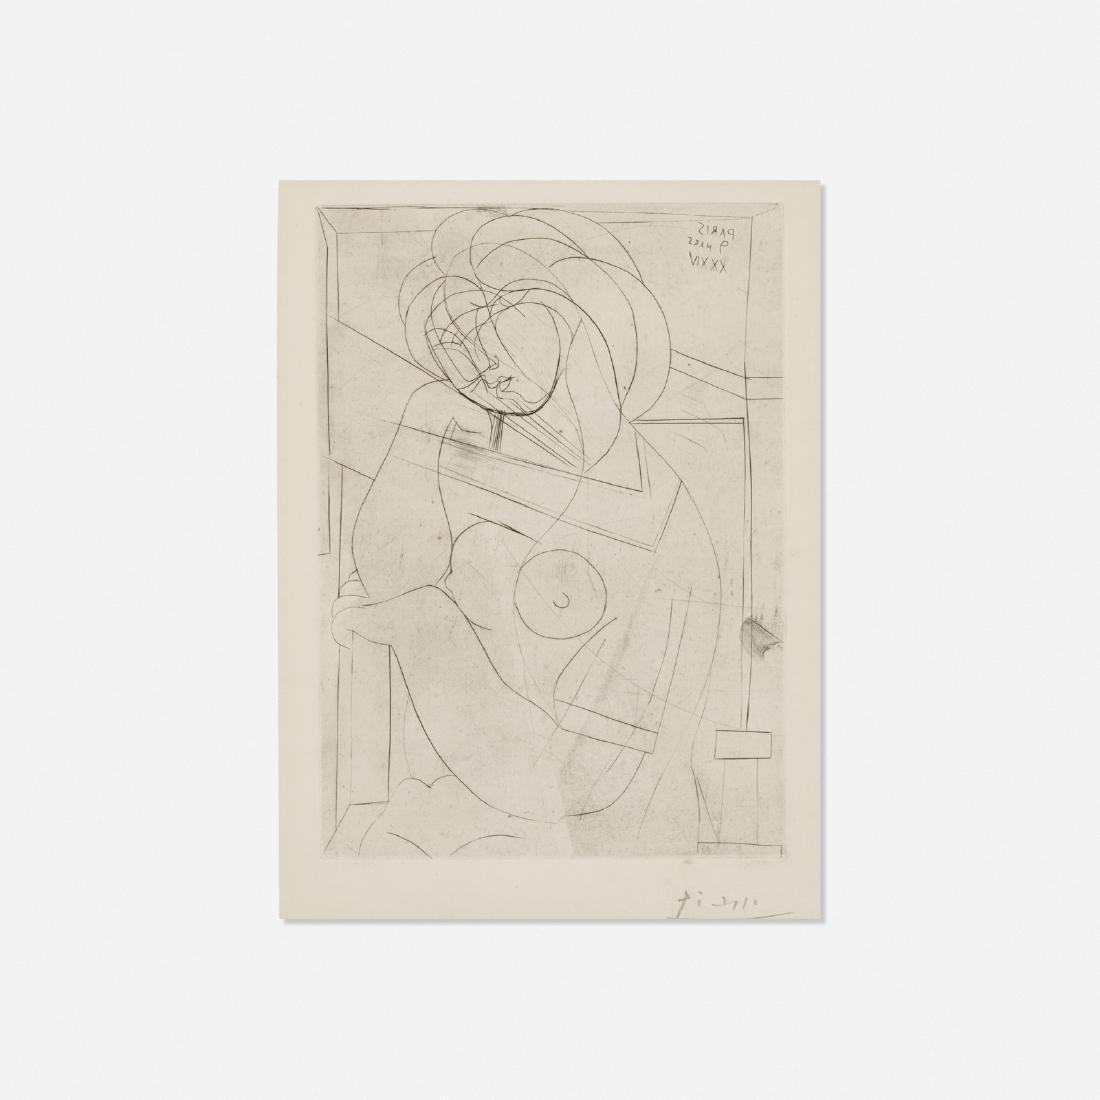 Pablo Picasso, Femme nue assise, la Tete appuyee